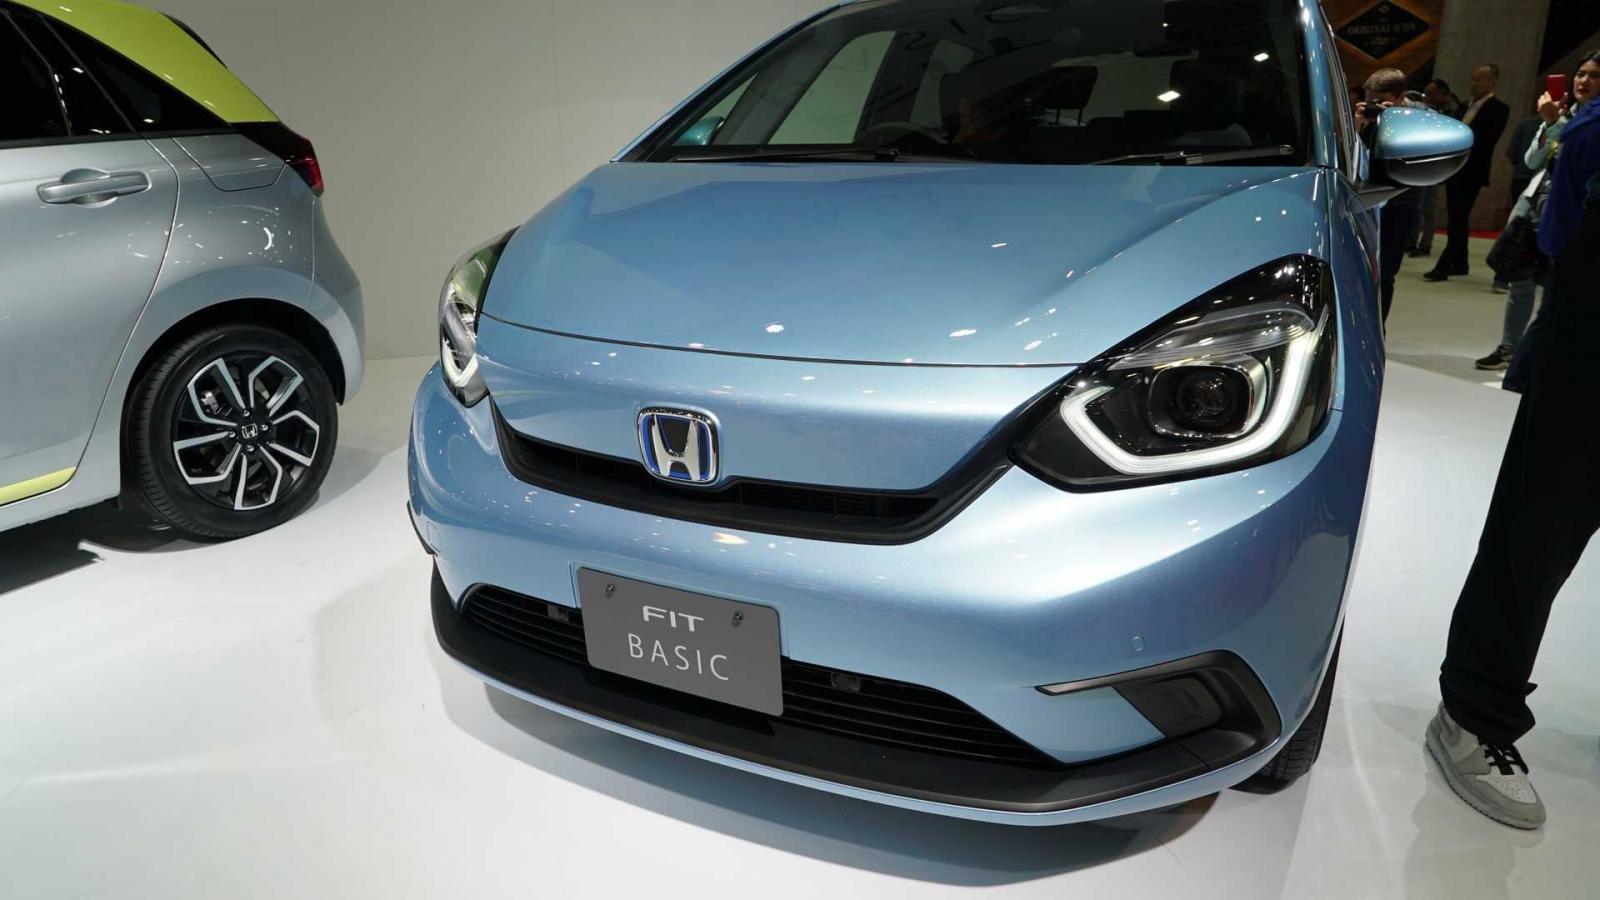 Đánh giá xe Honda Jazz 2020: góc 3/4 đầu xe